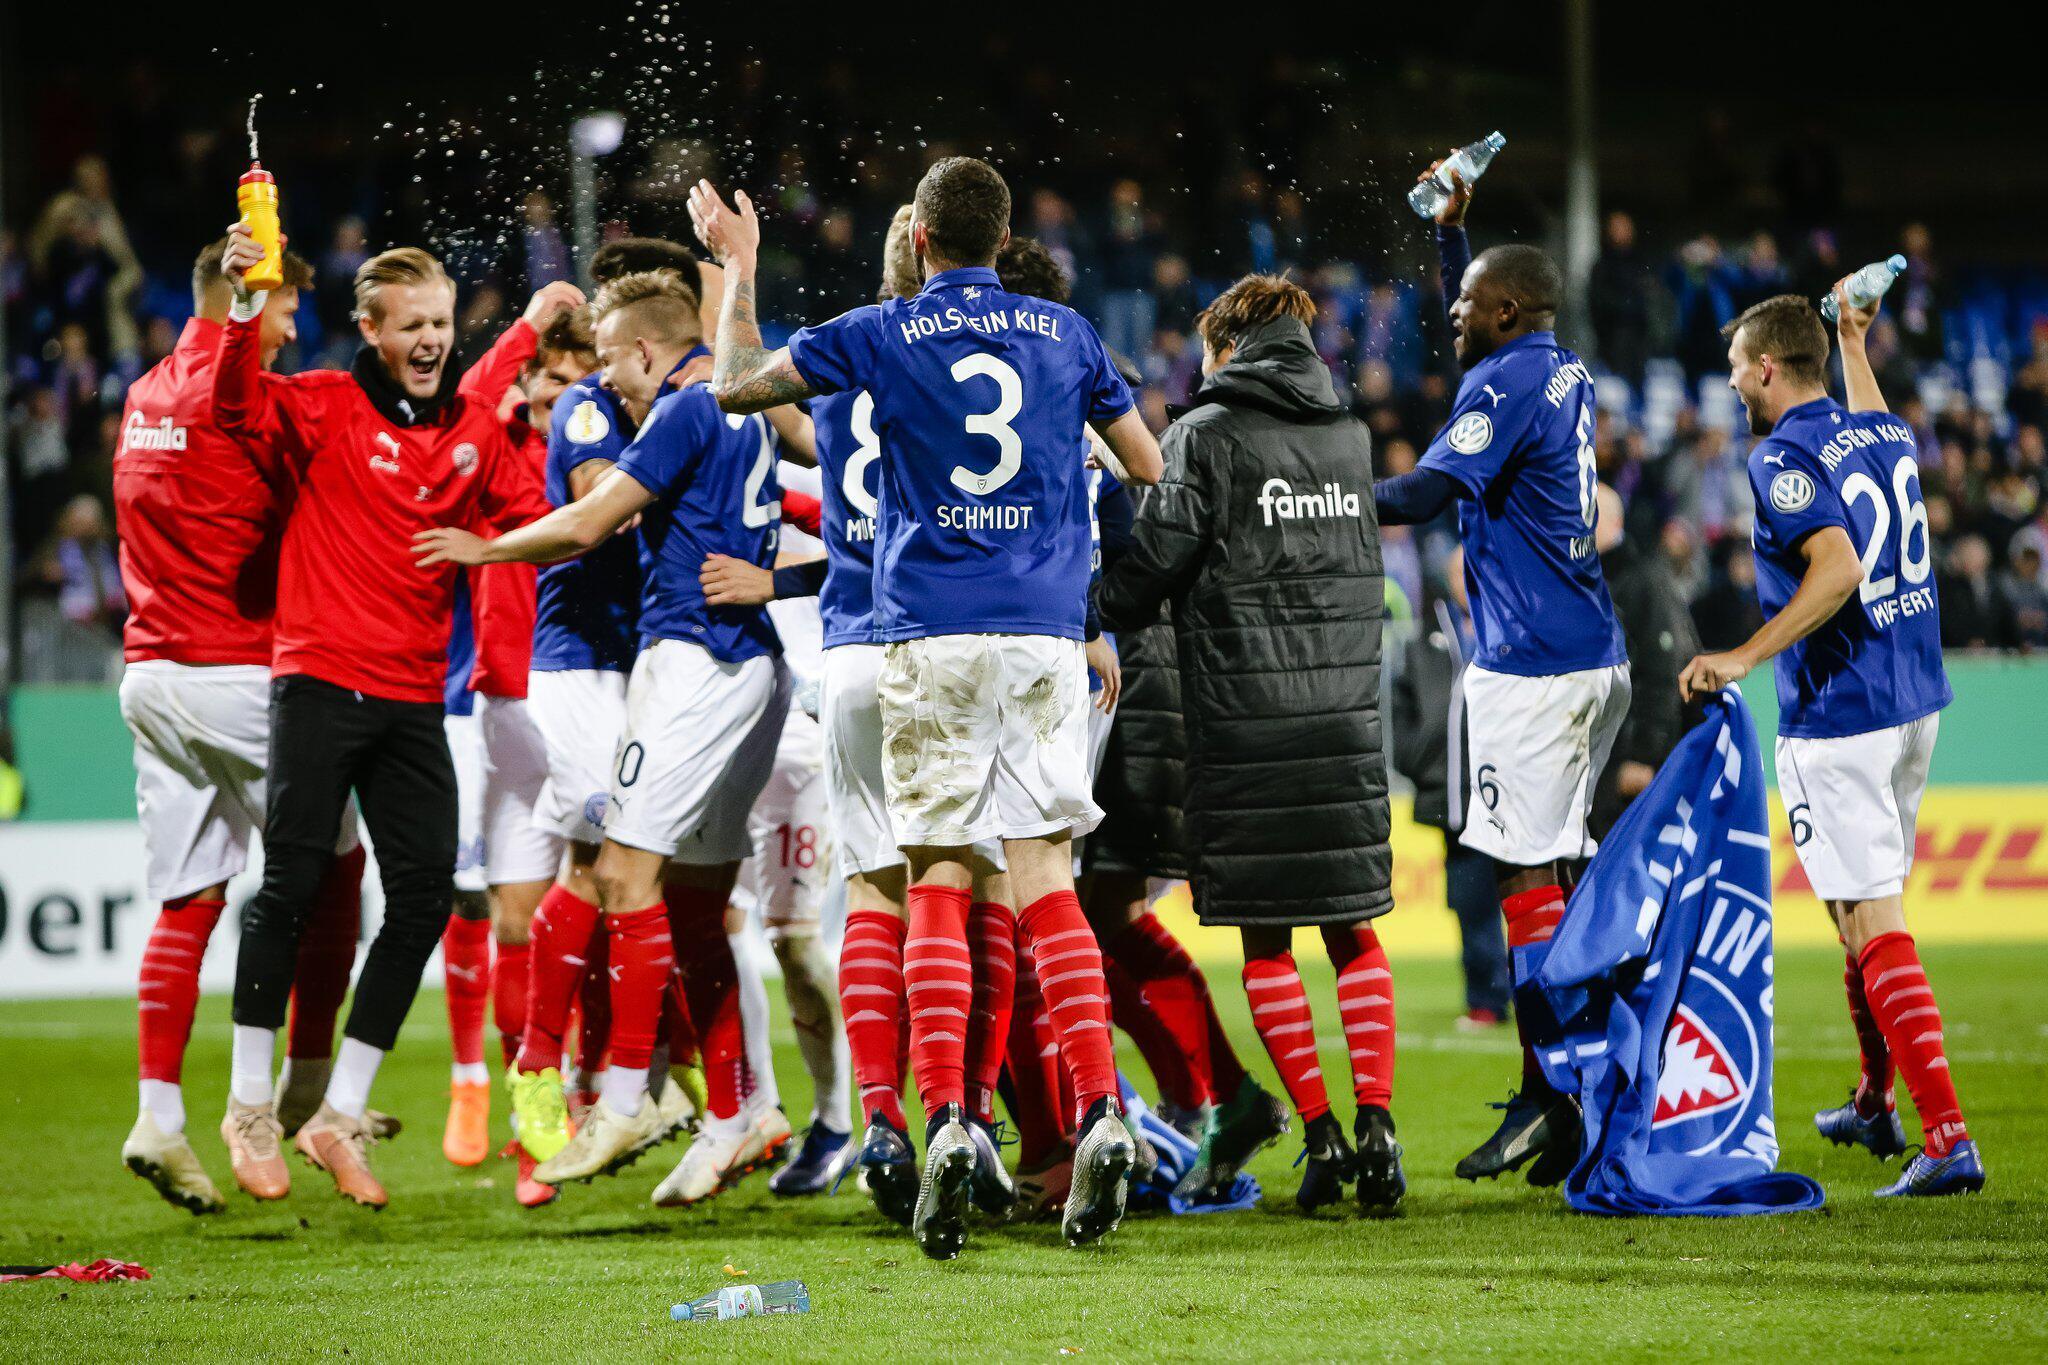 Bild zu Holstein Kiel - SC Freiburg